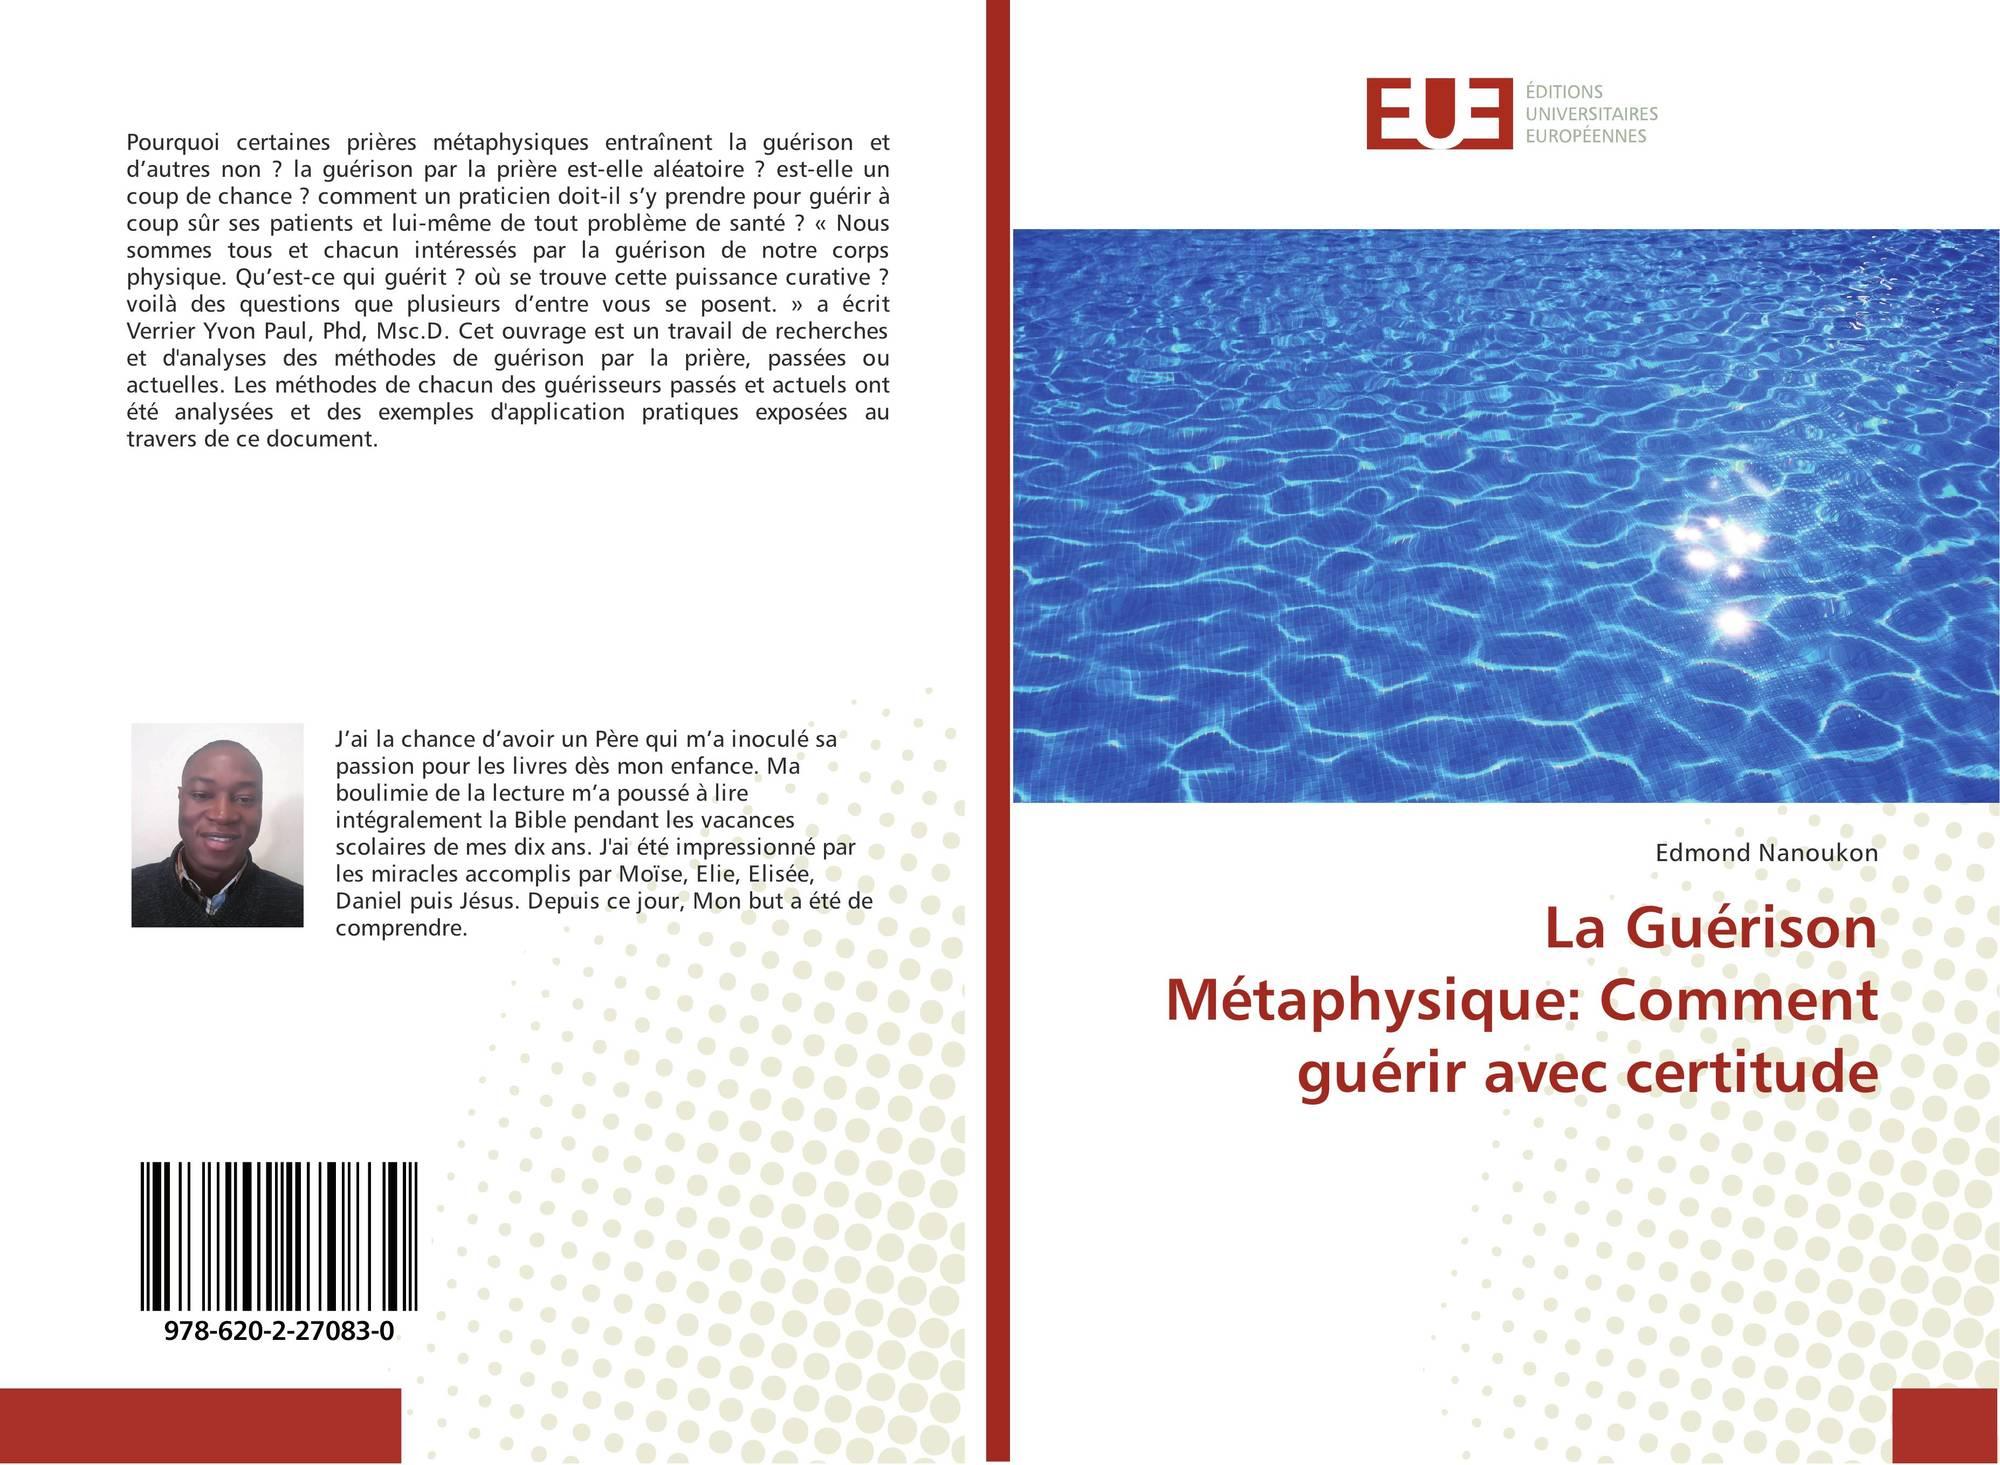 La Guerison Metaphysique Comment Guerir Avec Certitude 978 620 2 27083 0 6202270837 9786202270830 De Edmond Nanoukon